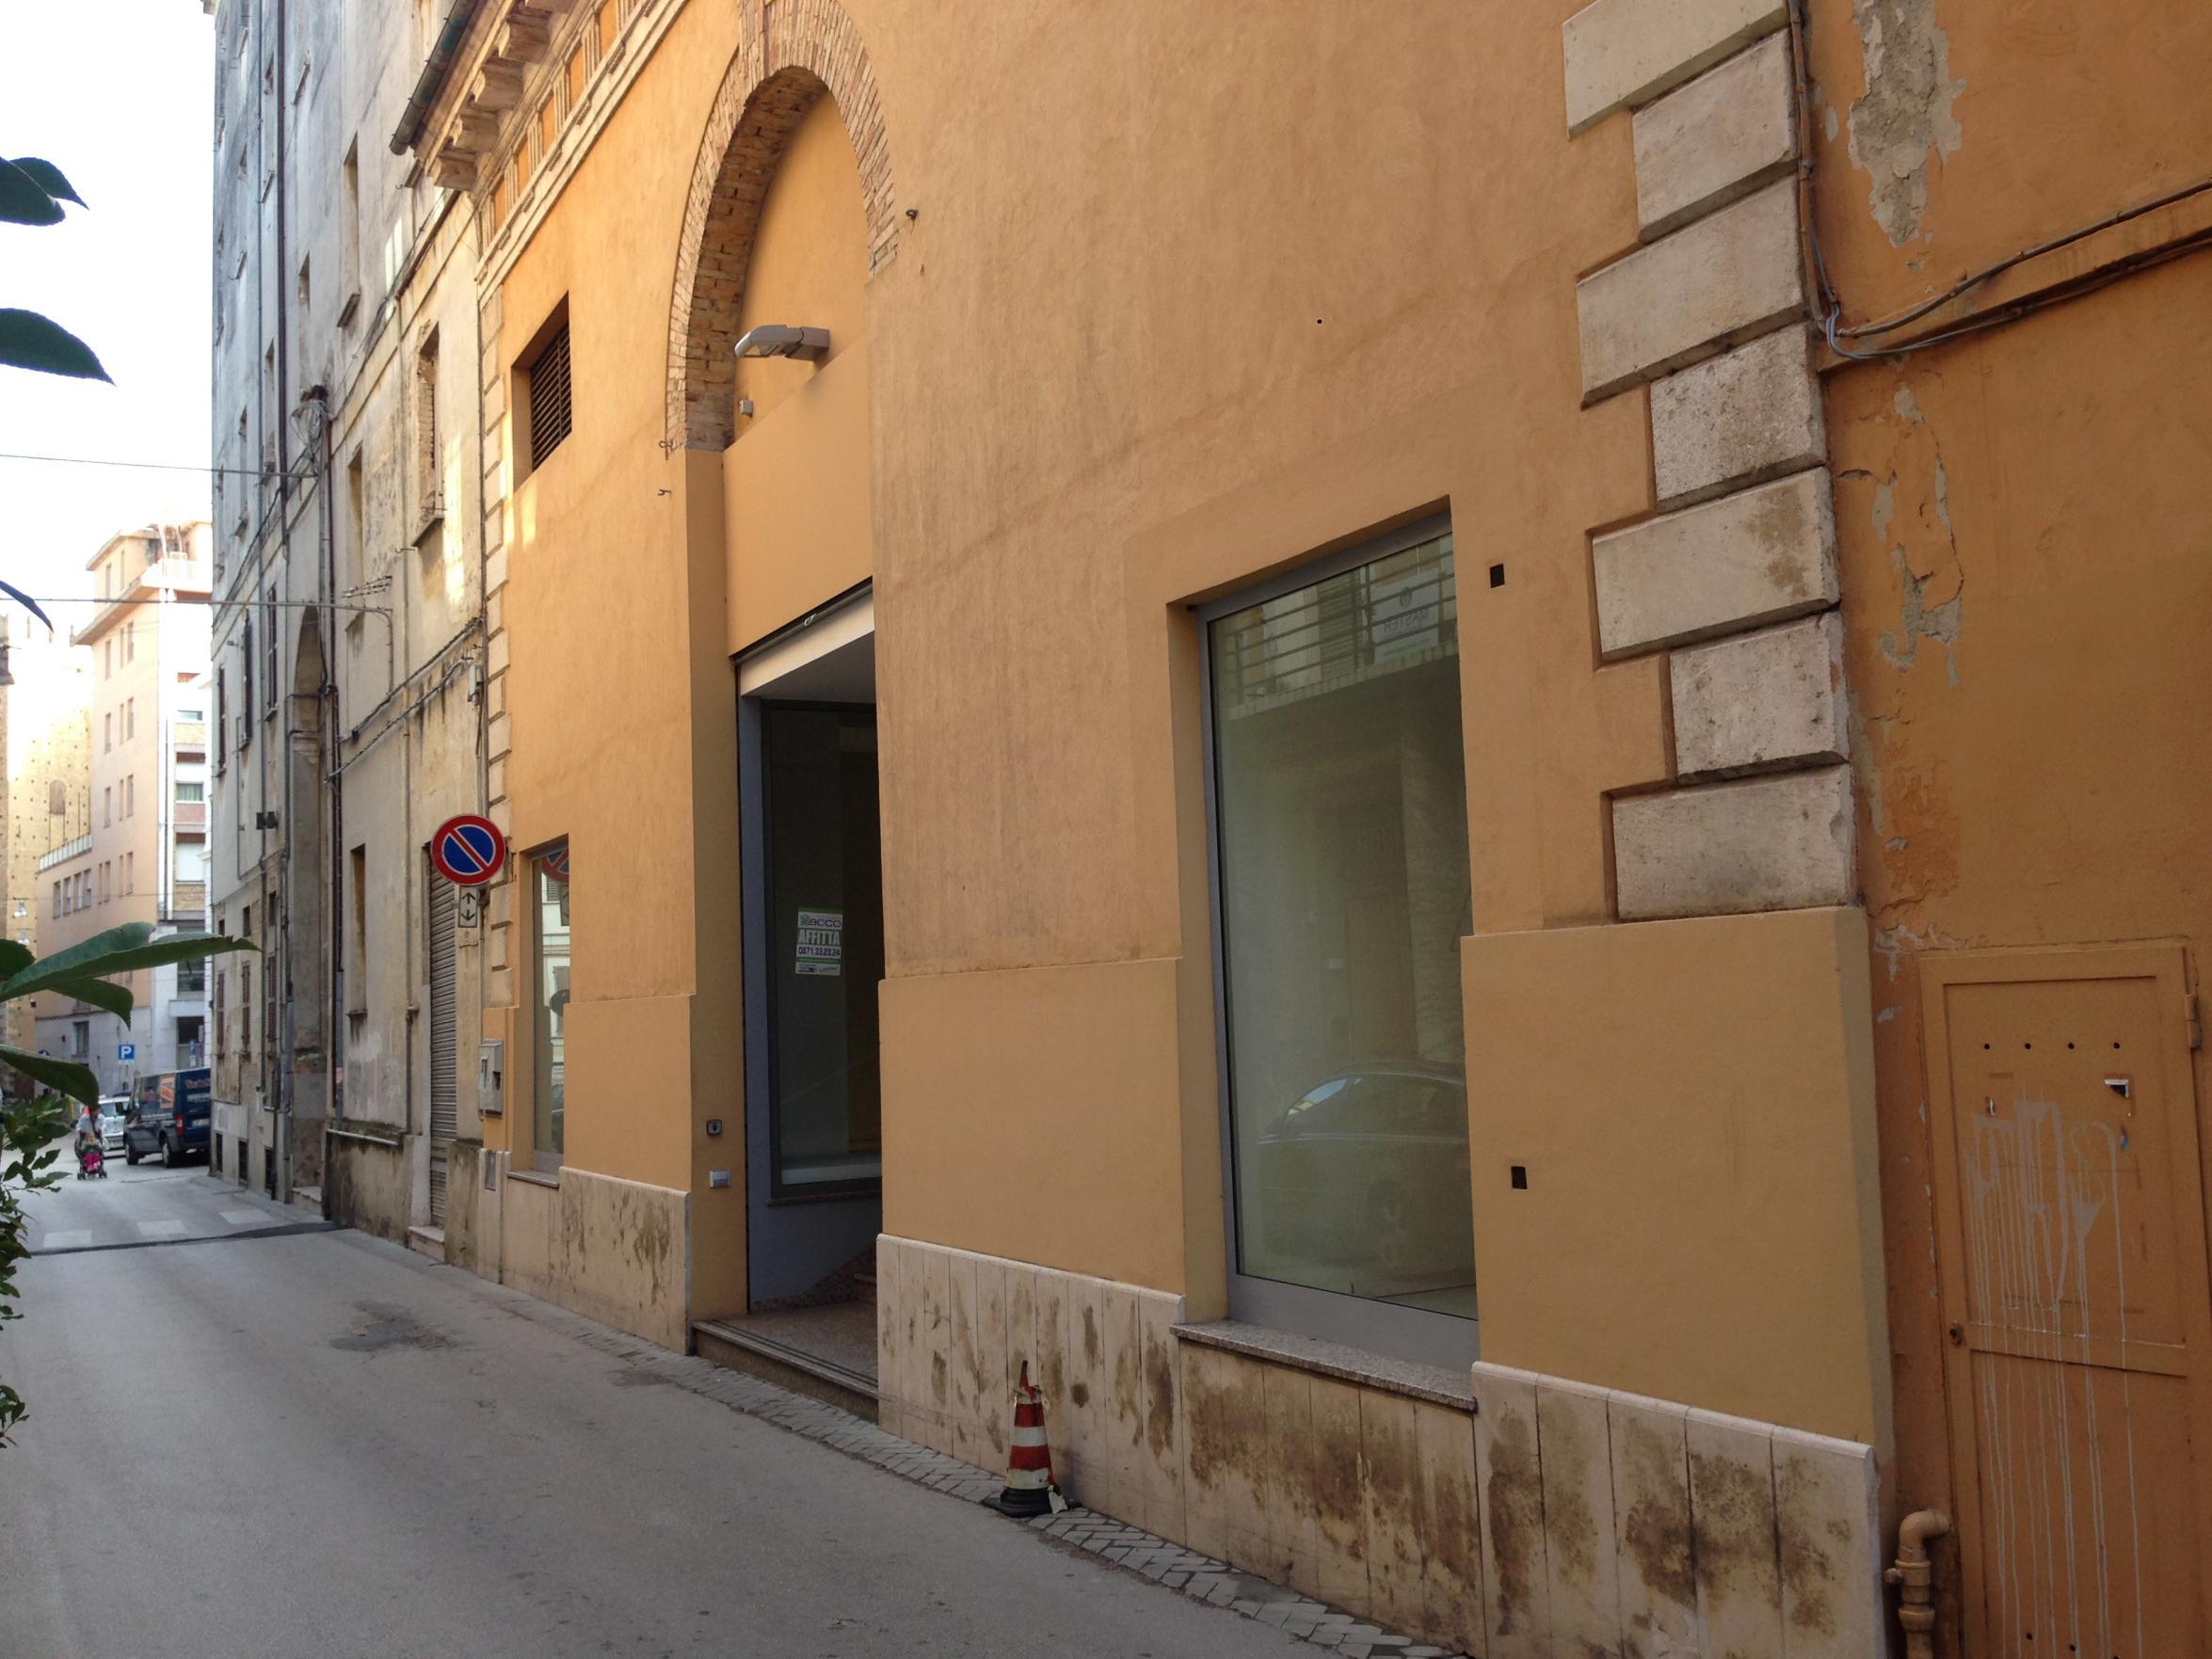 Negozio o Locale in affitto via marco vezio marcello Chieti (CH)